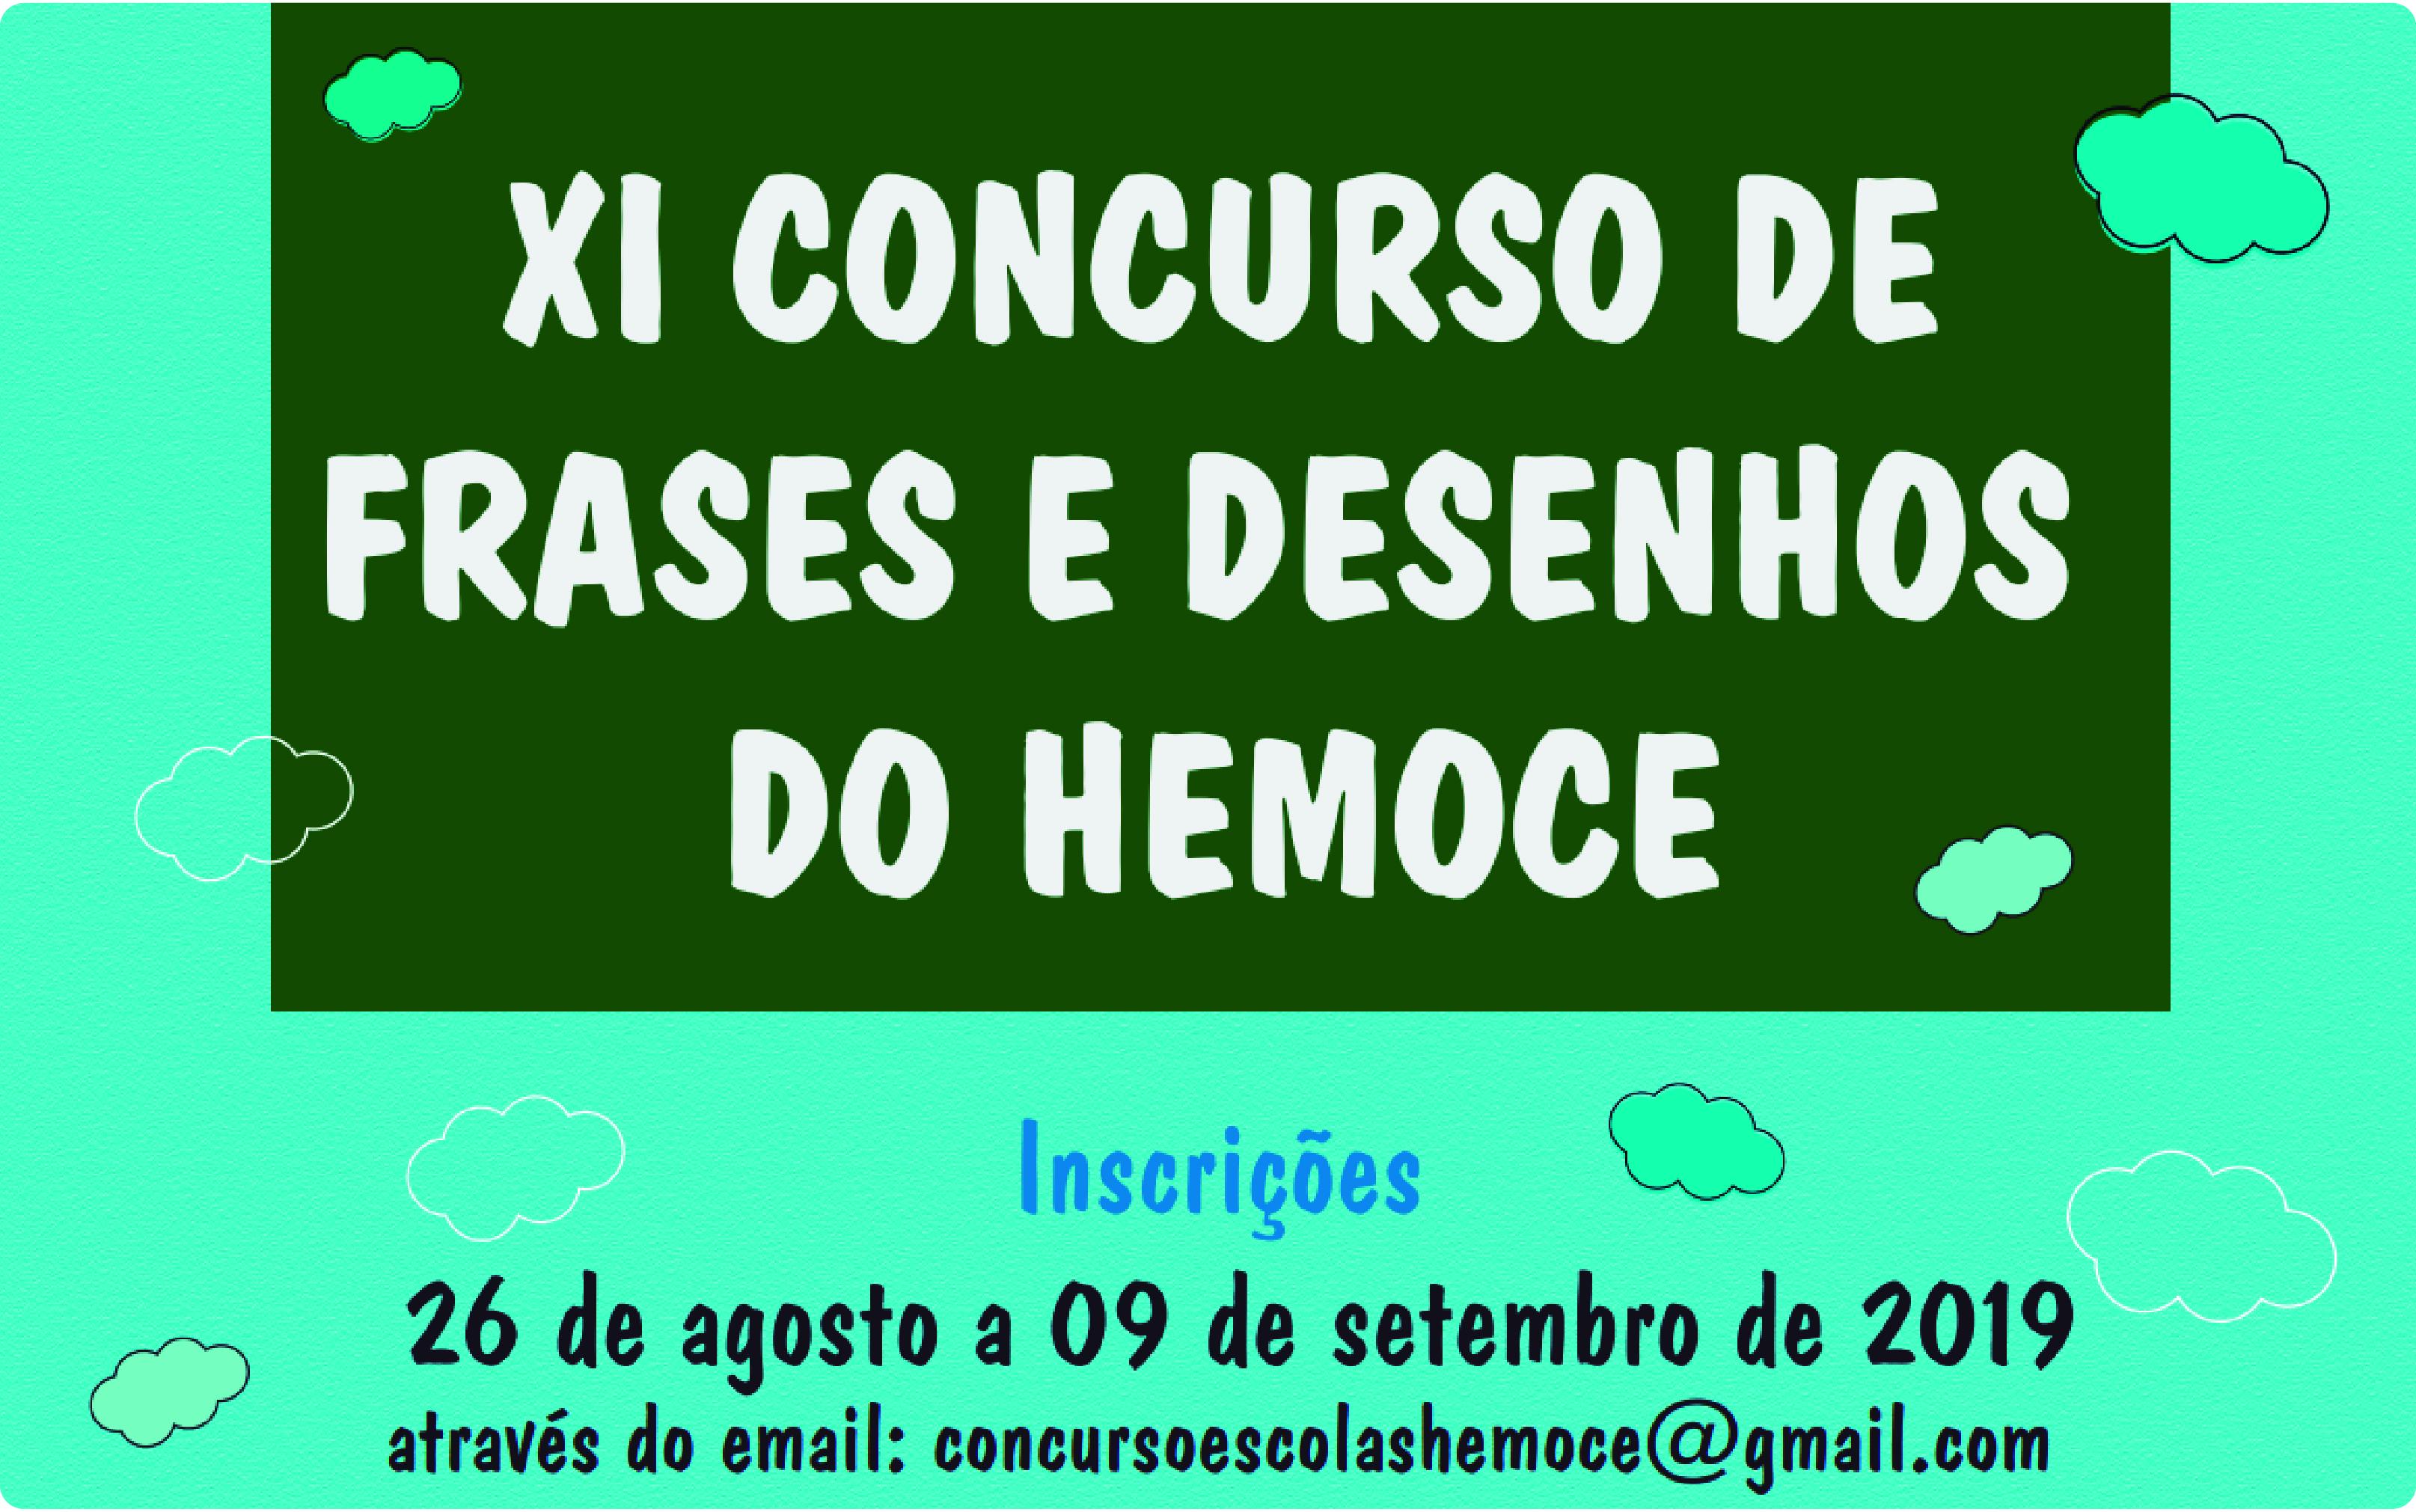 Hemoce segue com inscrições para Concurso de Frases e Desenhos